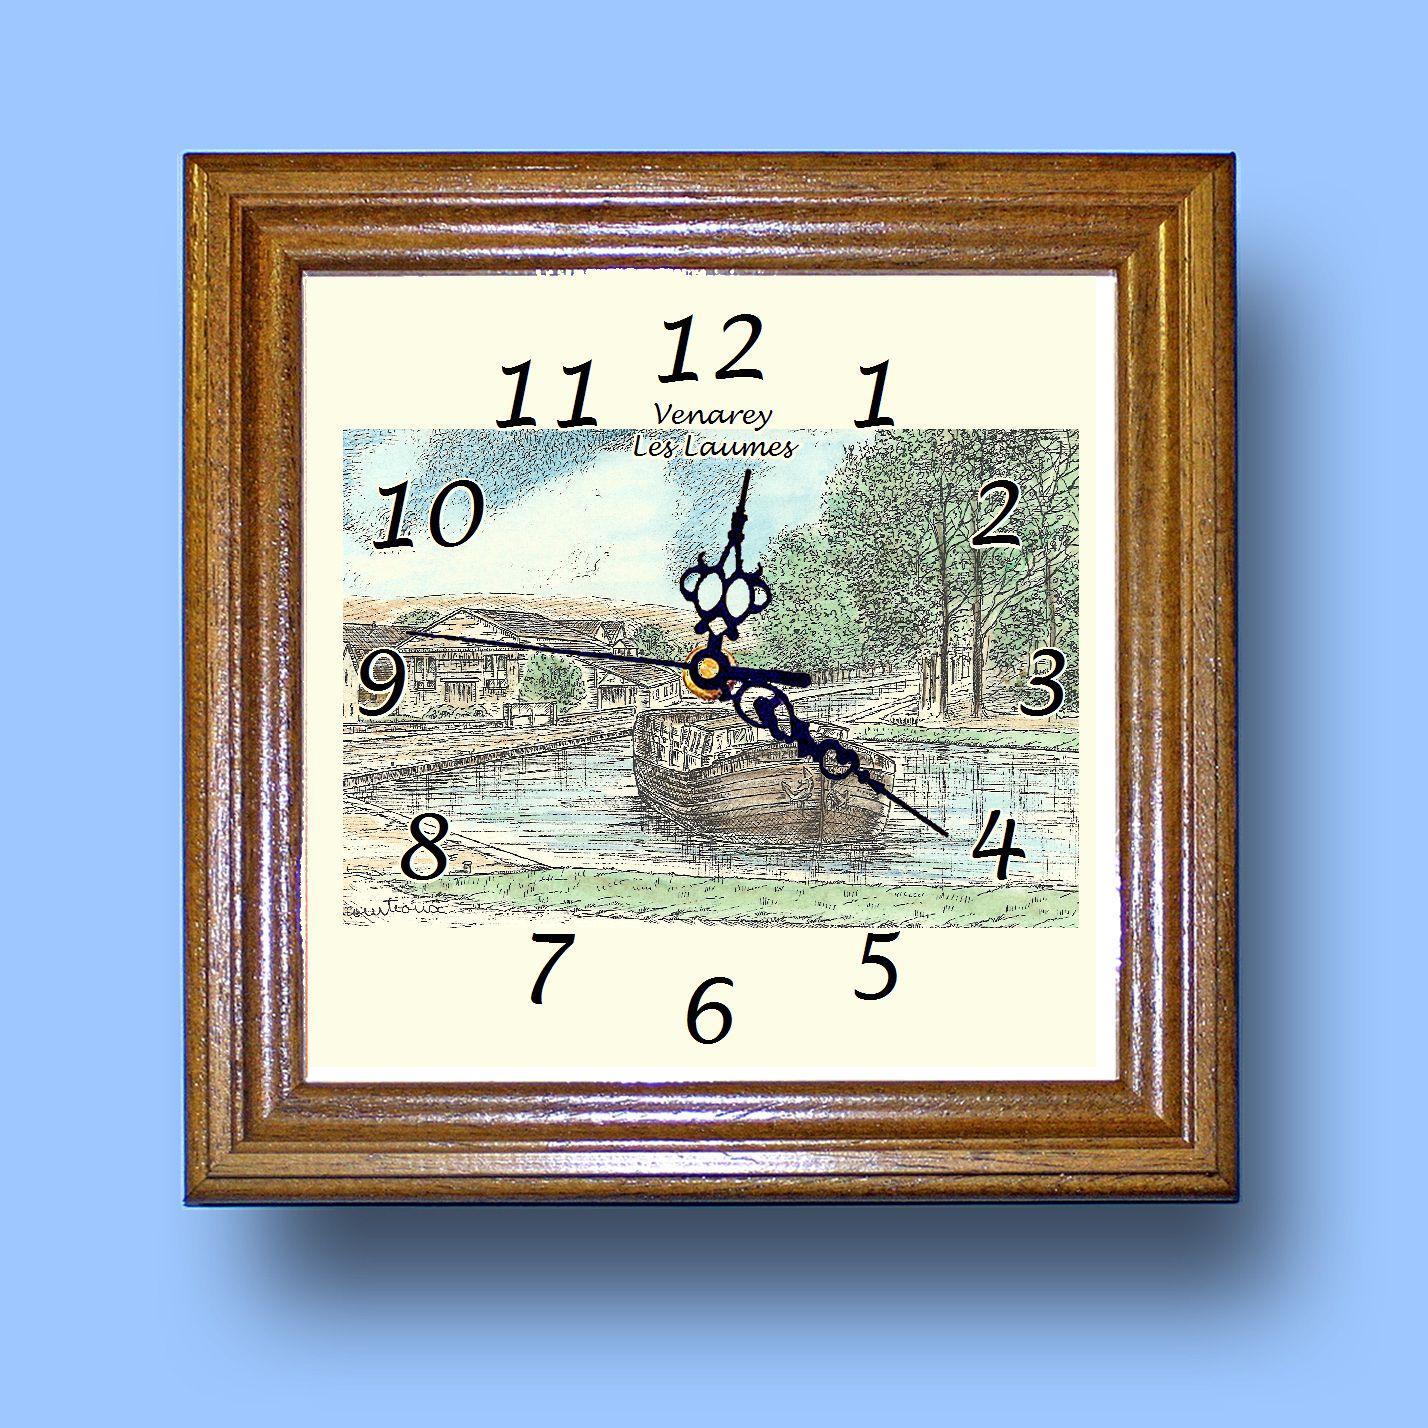 HG CL 21039 - Horloge avec une vue de 21 VENAREY LES LAUMES CgU6RYAM-08070425-623799679